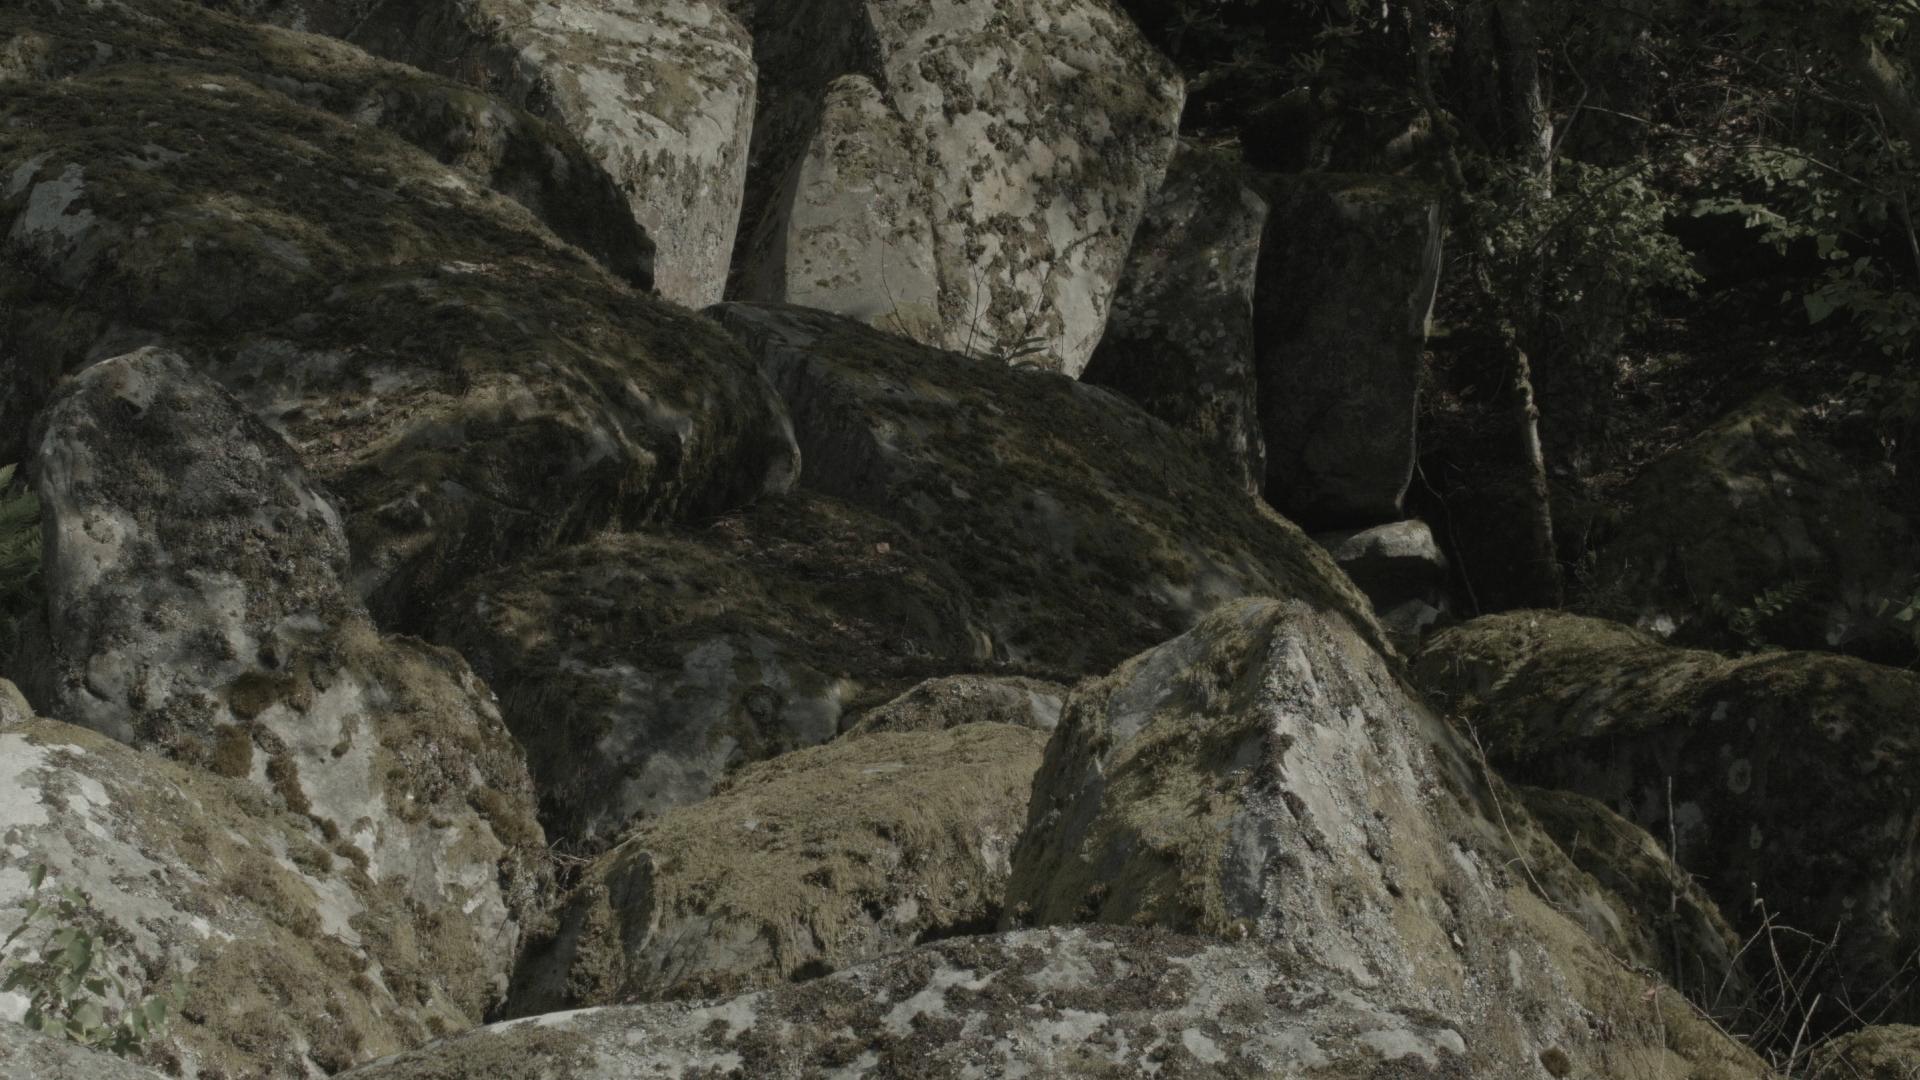 Groupe Jourdain - Les pierres [cinétract]